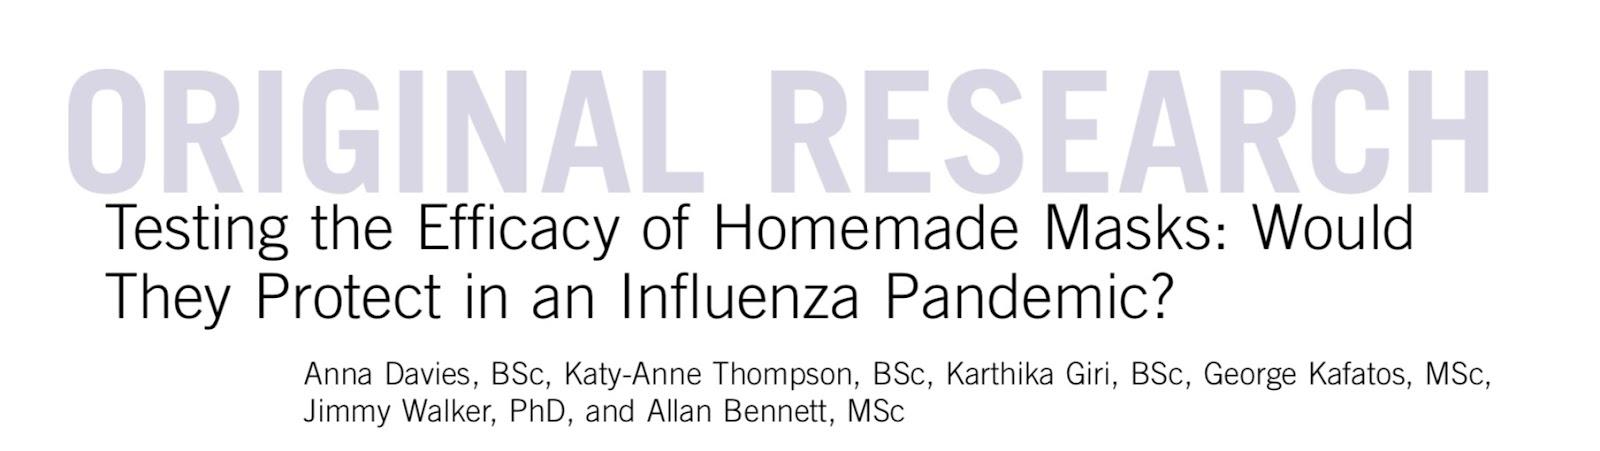 Efficacy of Homemade Masks Viruses Pandemic